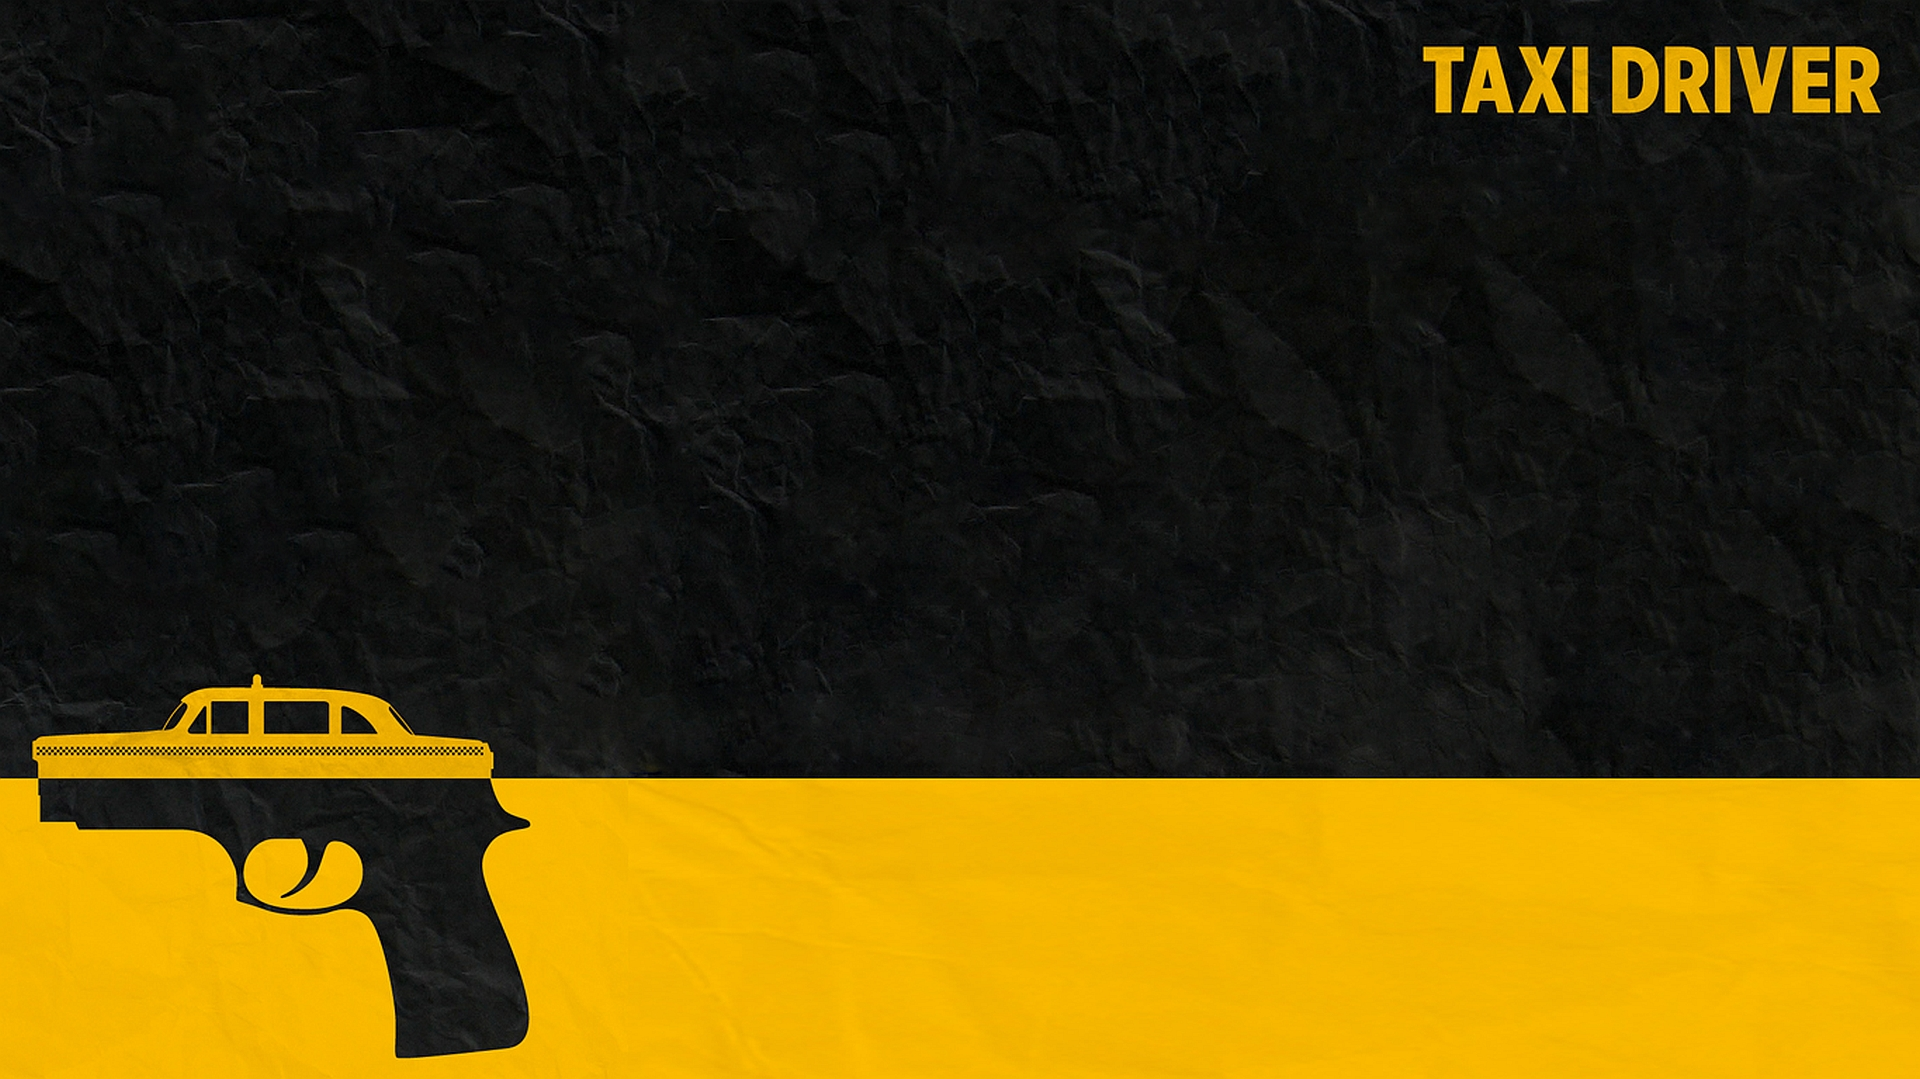 Taxi driver Wallpaper